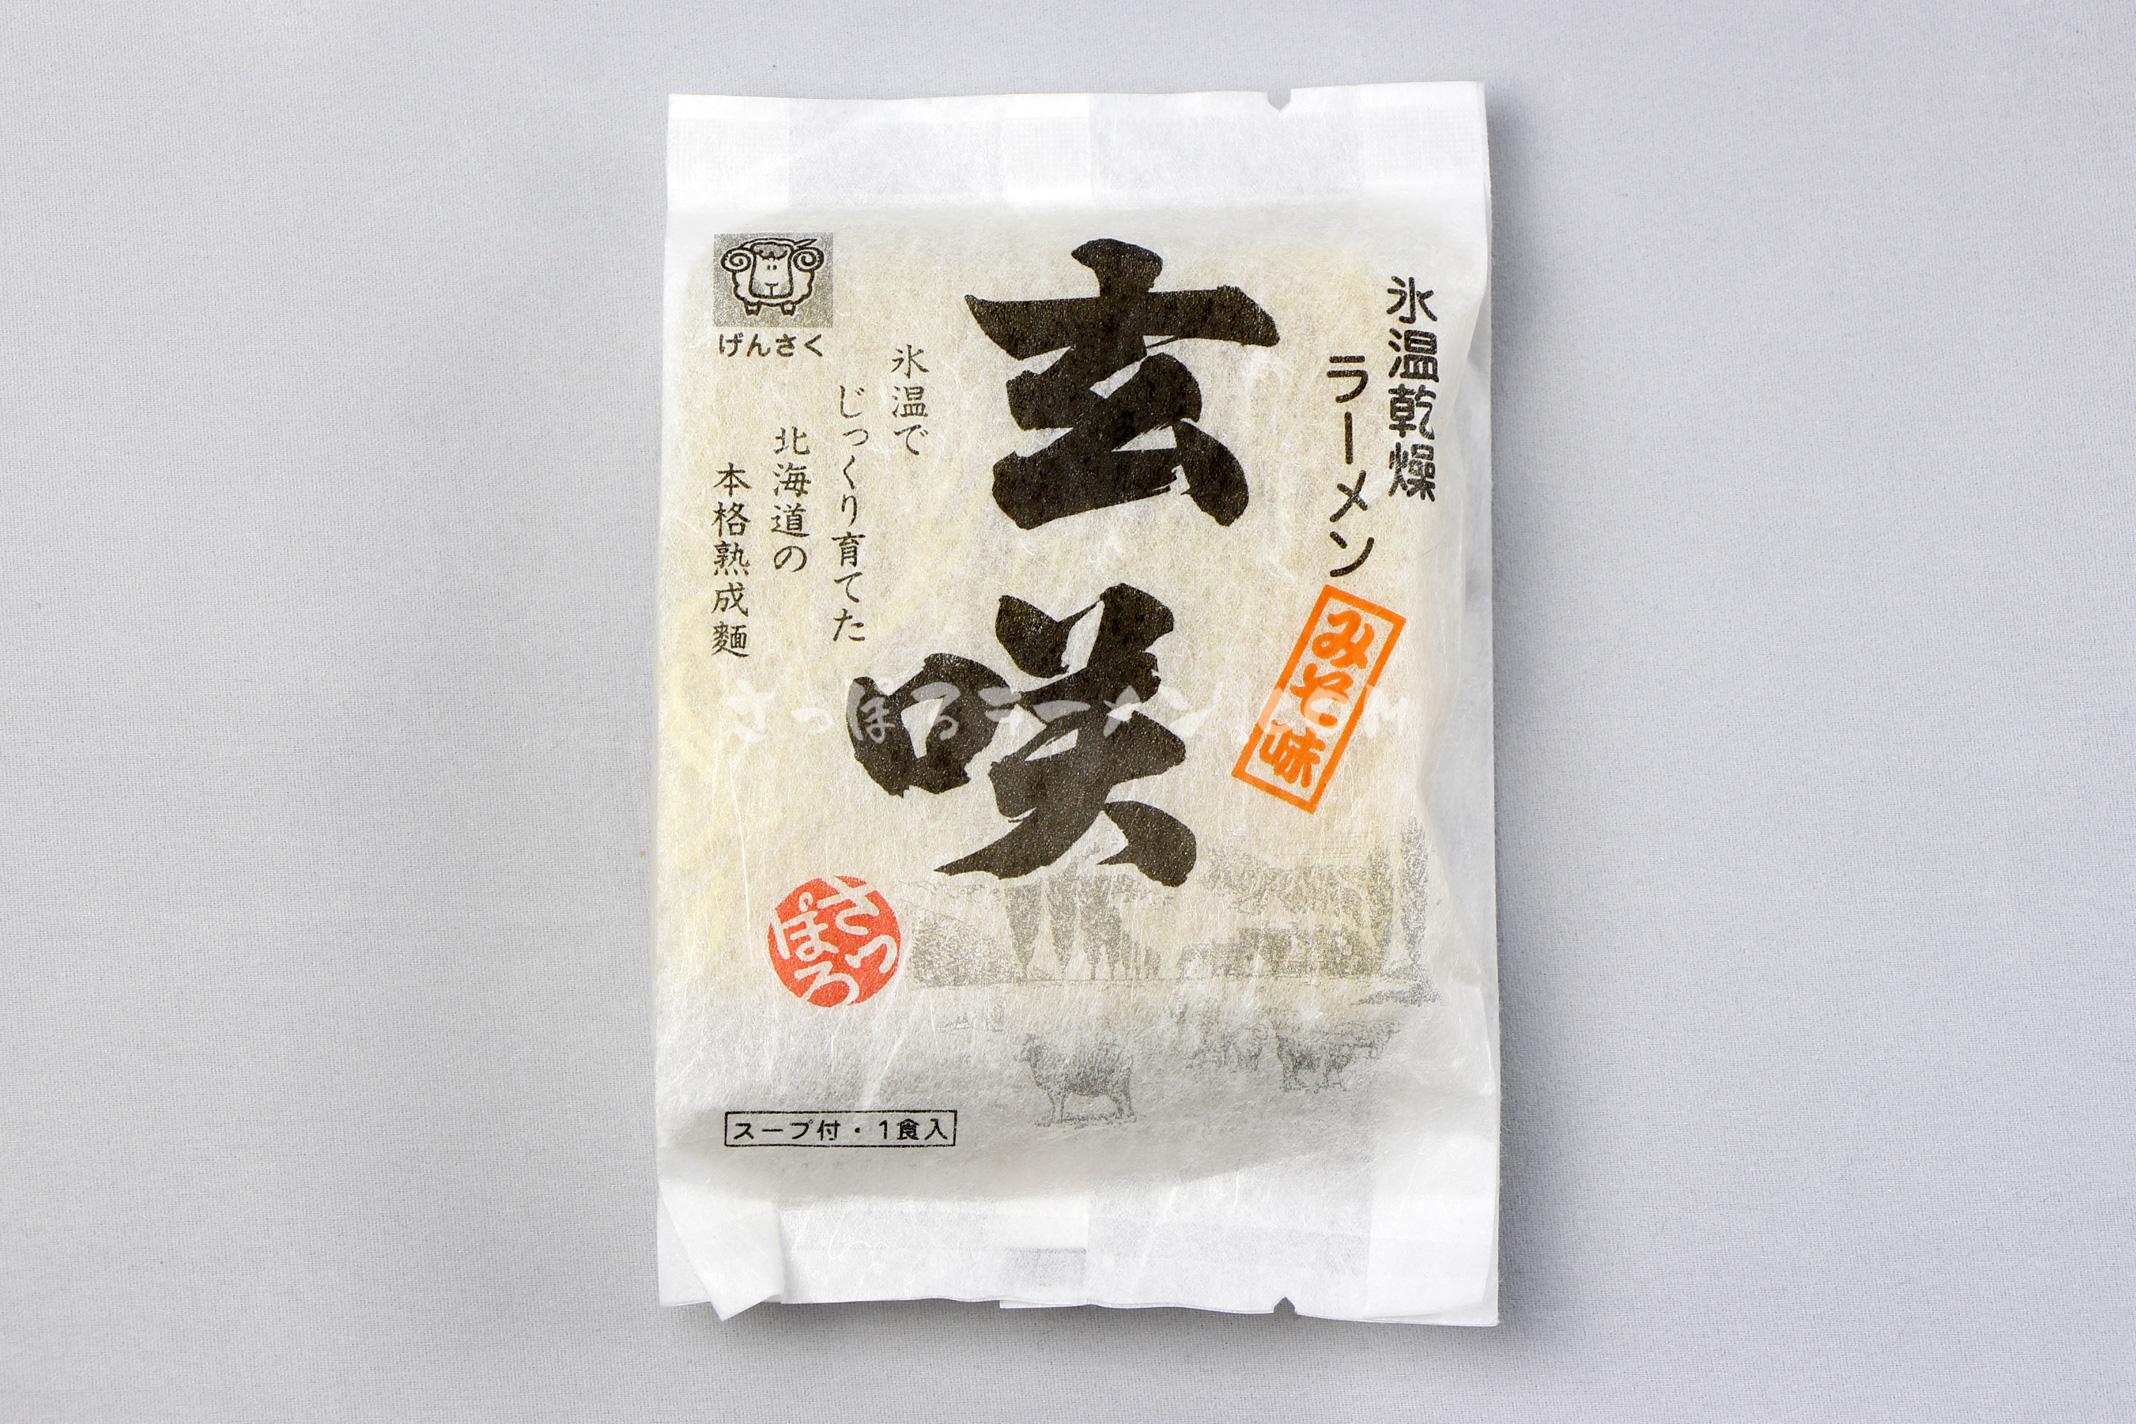 「氷温乾燥ラーメン 玄咲 みそ味」(創和)のパッケージ(表)